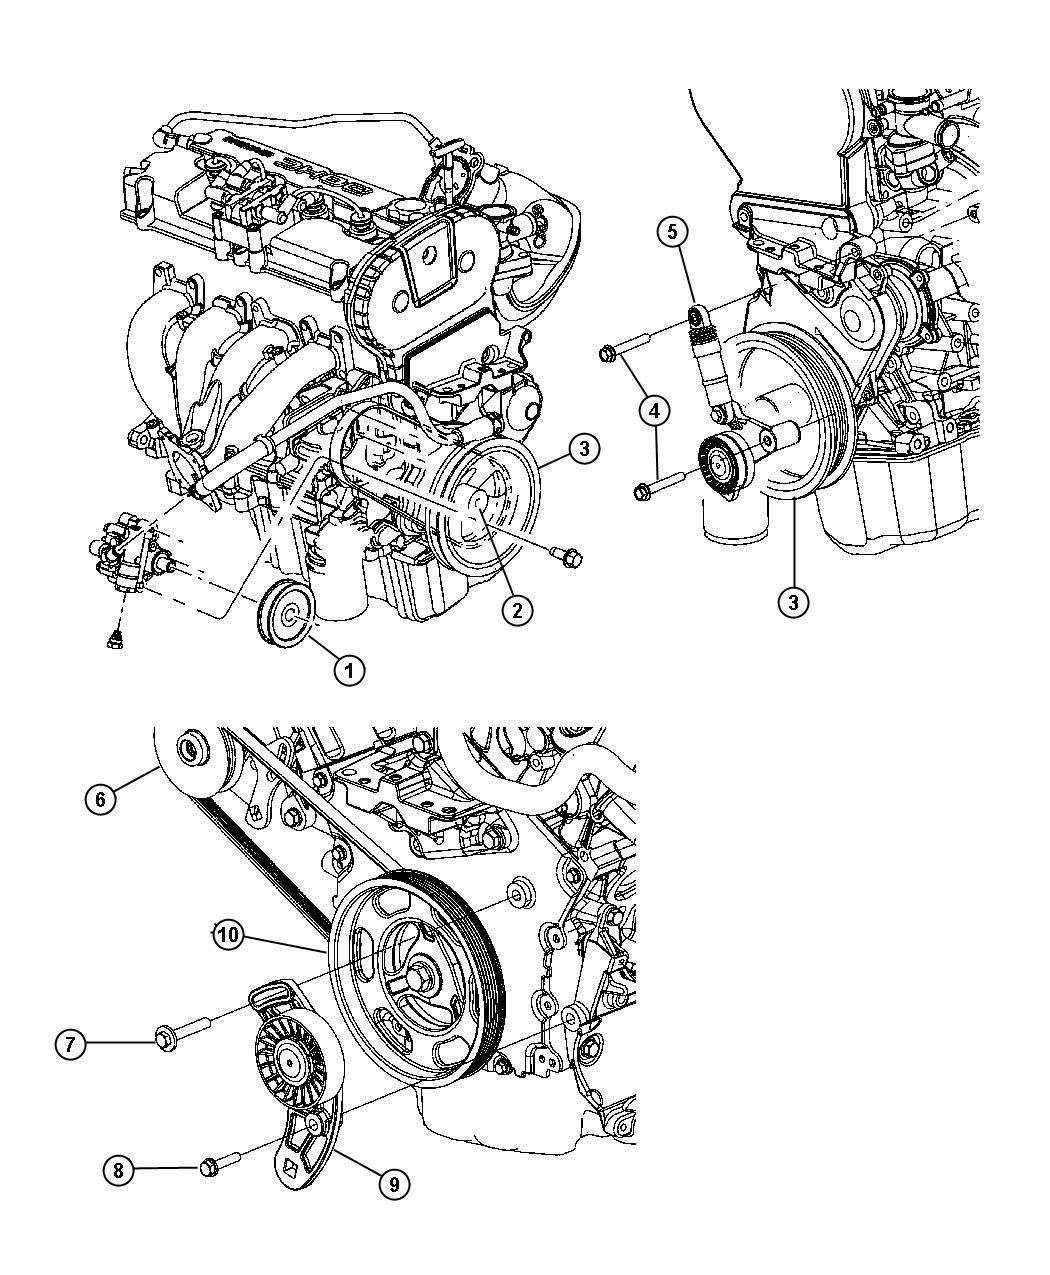 2004 Chrysler Sebring 2 7 Engine Diagram